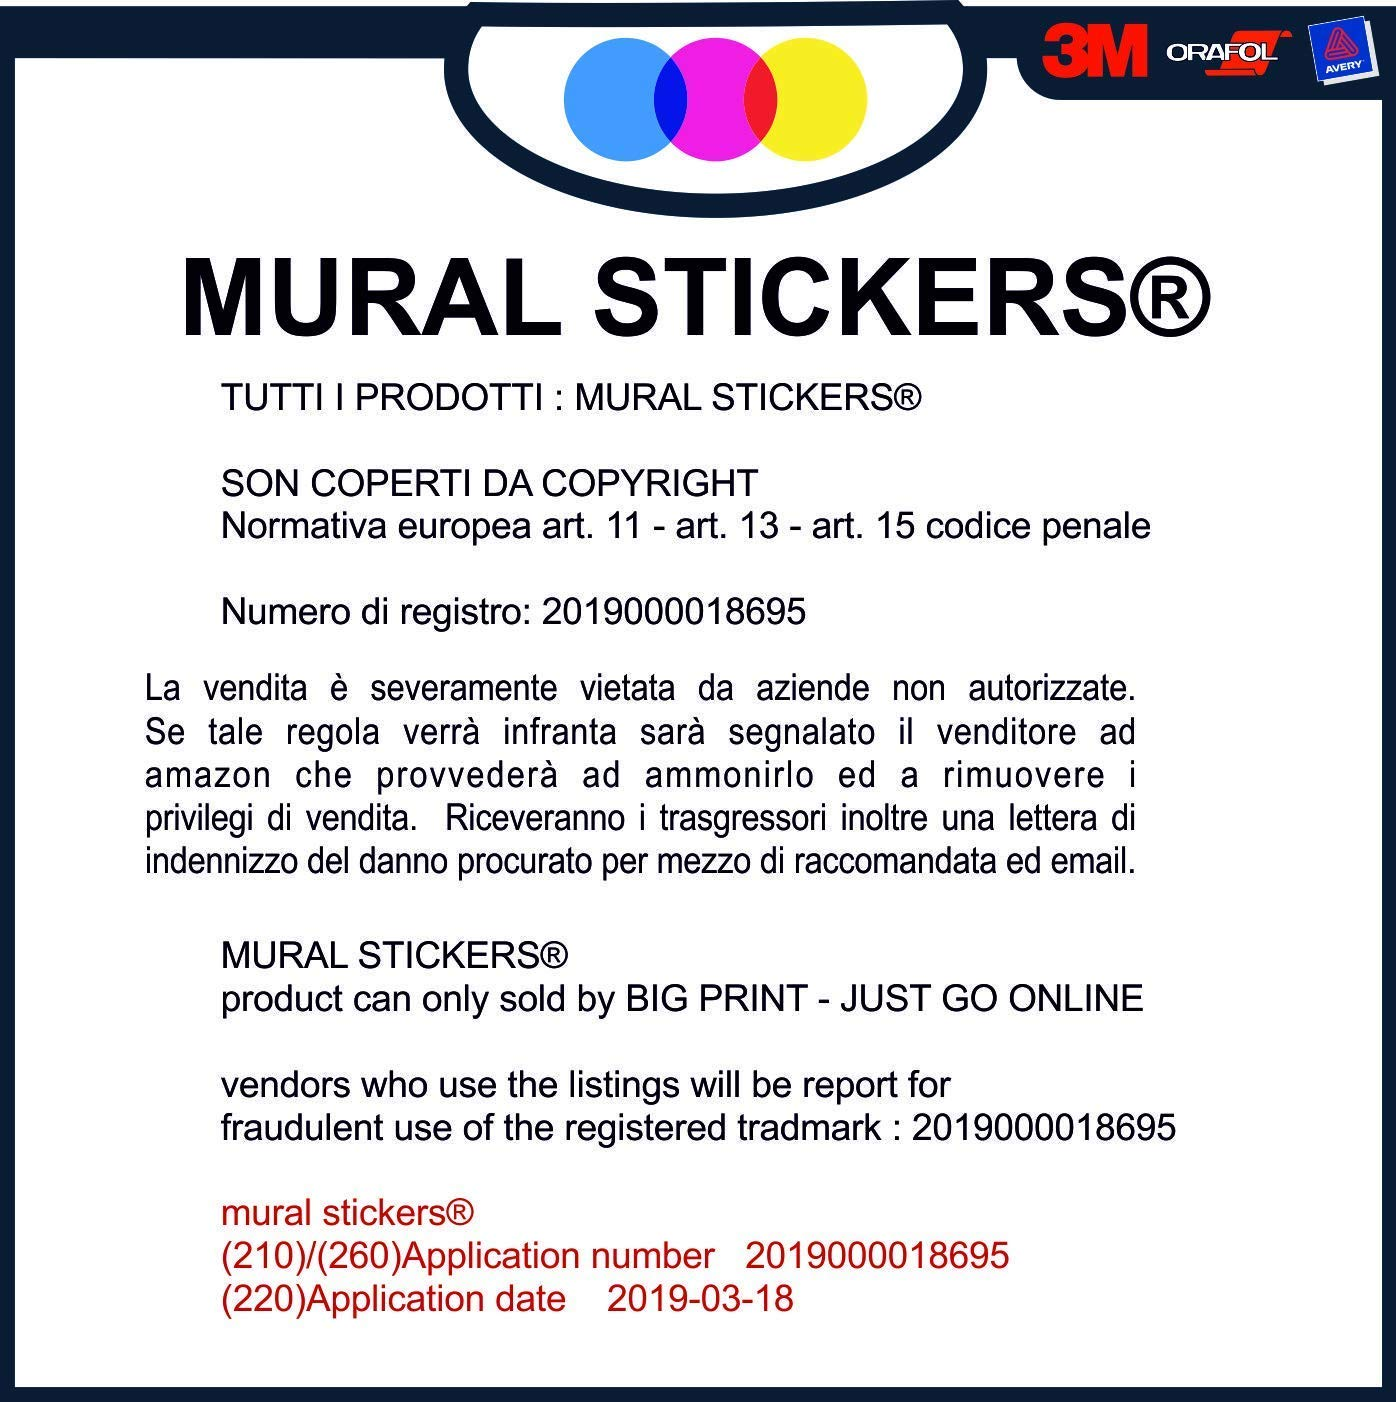 Adhesivo Moto y Ordenador Apto para Coche Ni/ña a Bordo Ni/ño a Bordo Copyright /© 2017 Bianco mural stickers Pegatina de beb/é a Bordo